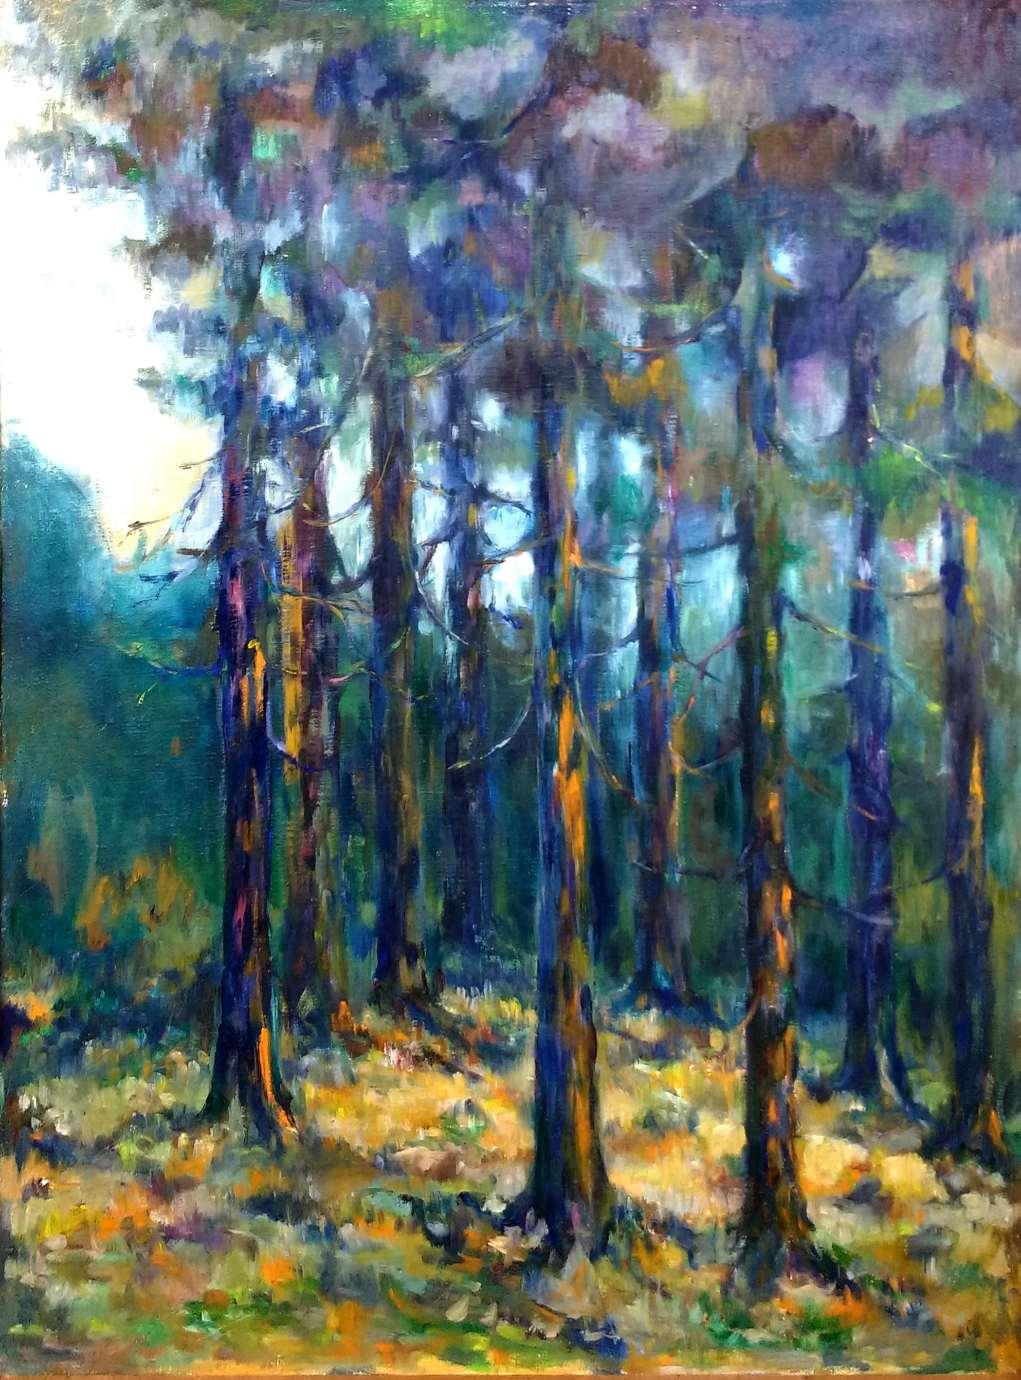 m kedra fot janusz zimon 2 Marian Kędra - malarstwo zanurzone w kolorze